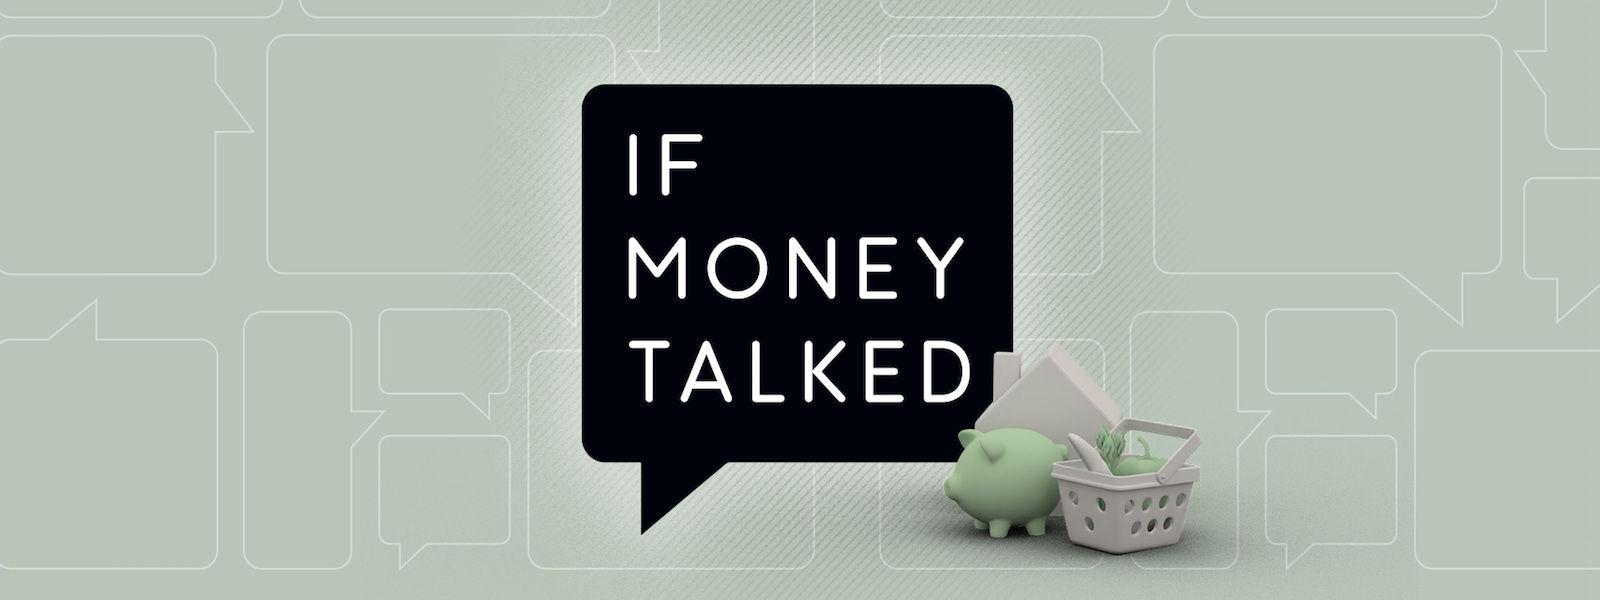 If Money Talked